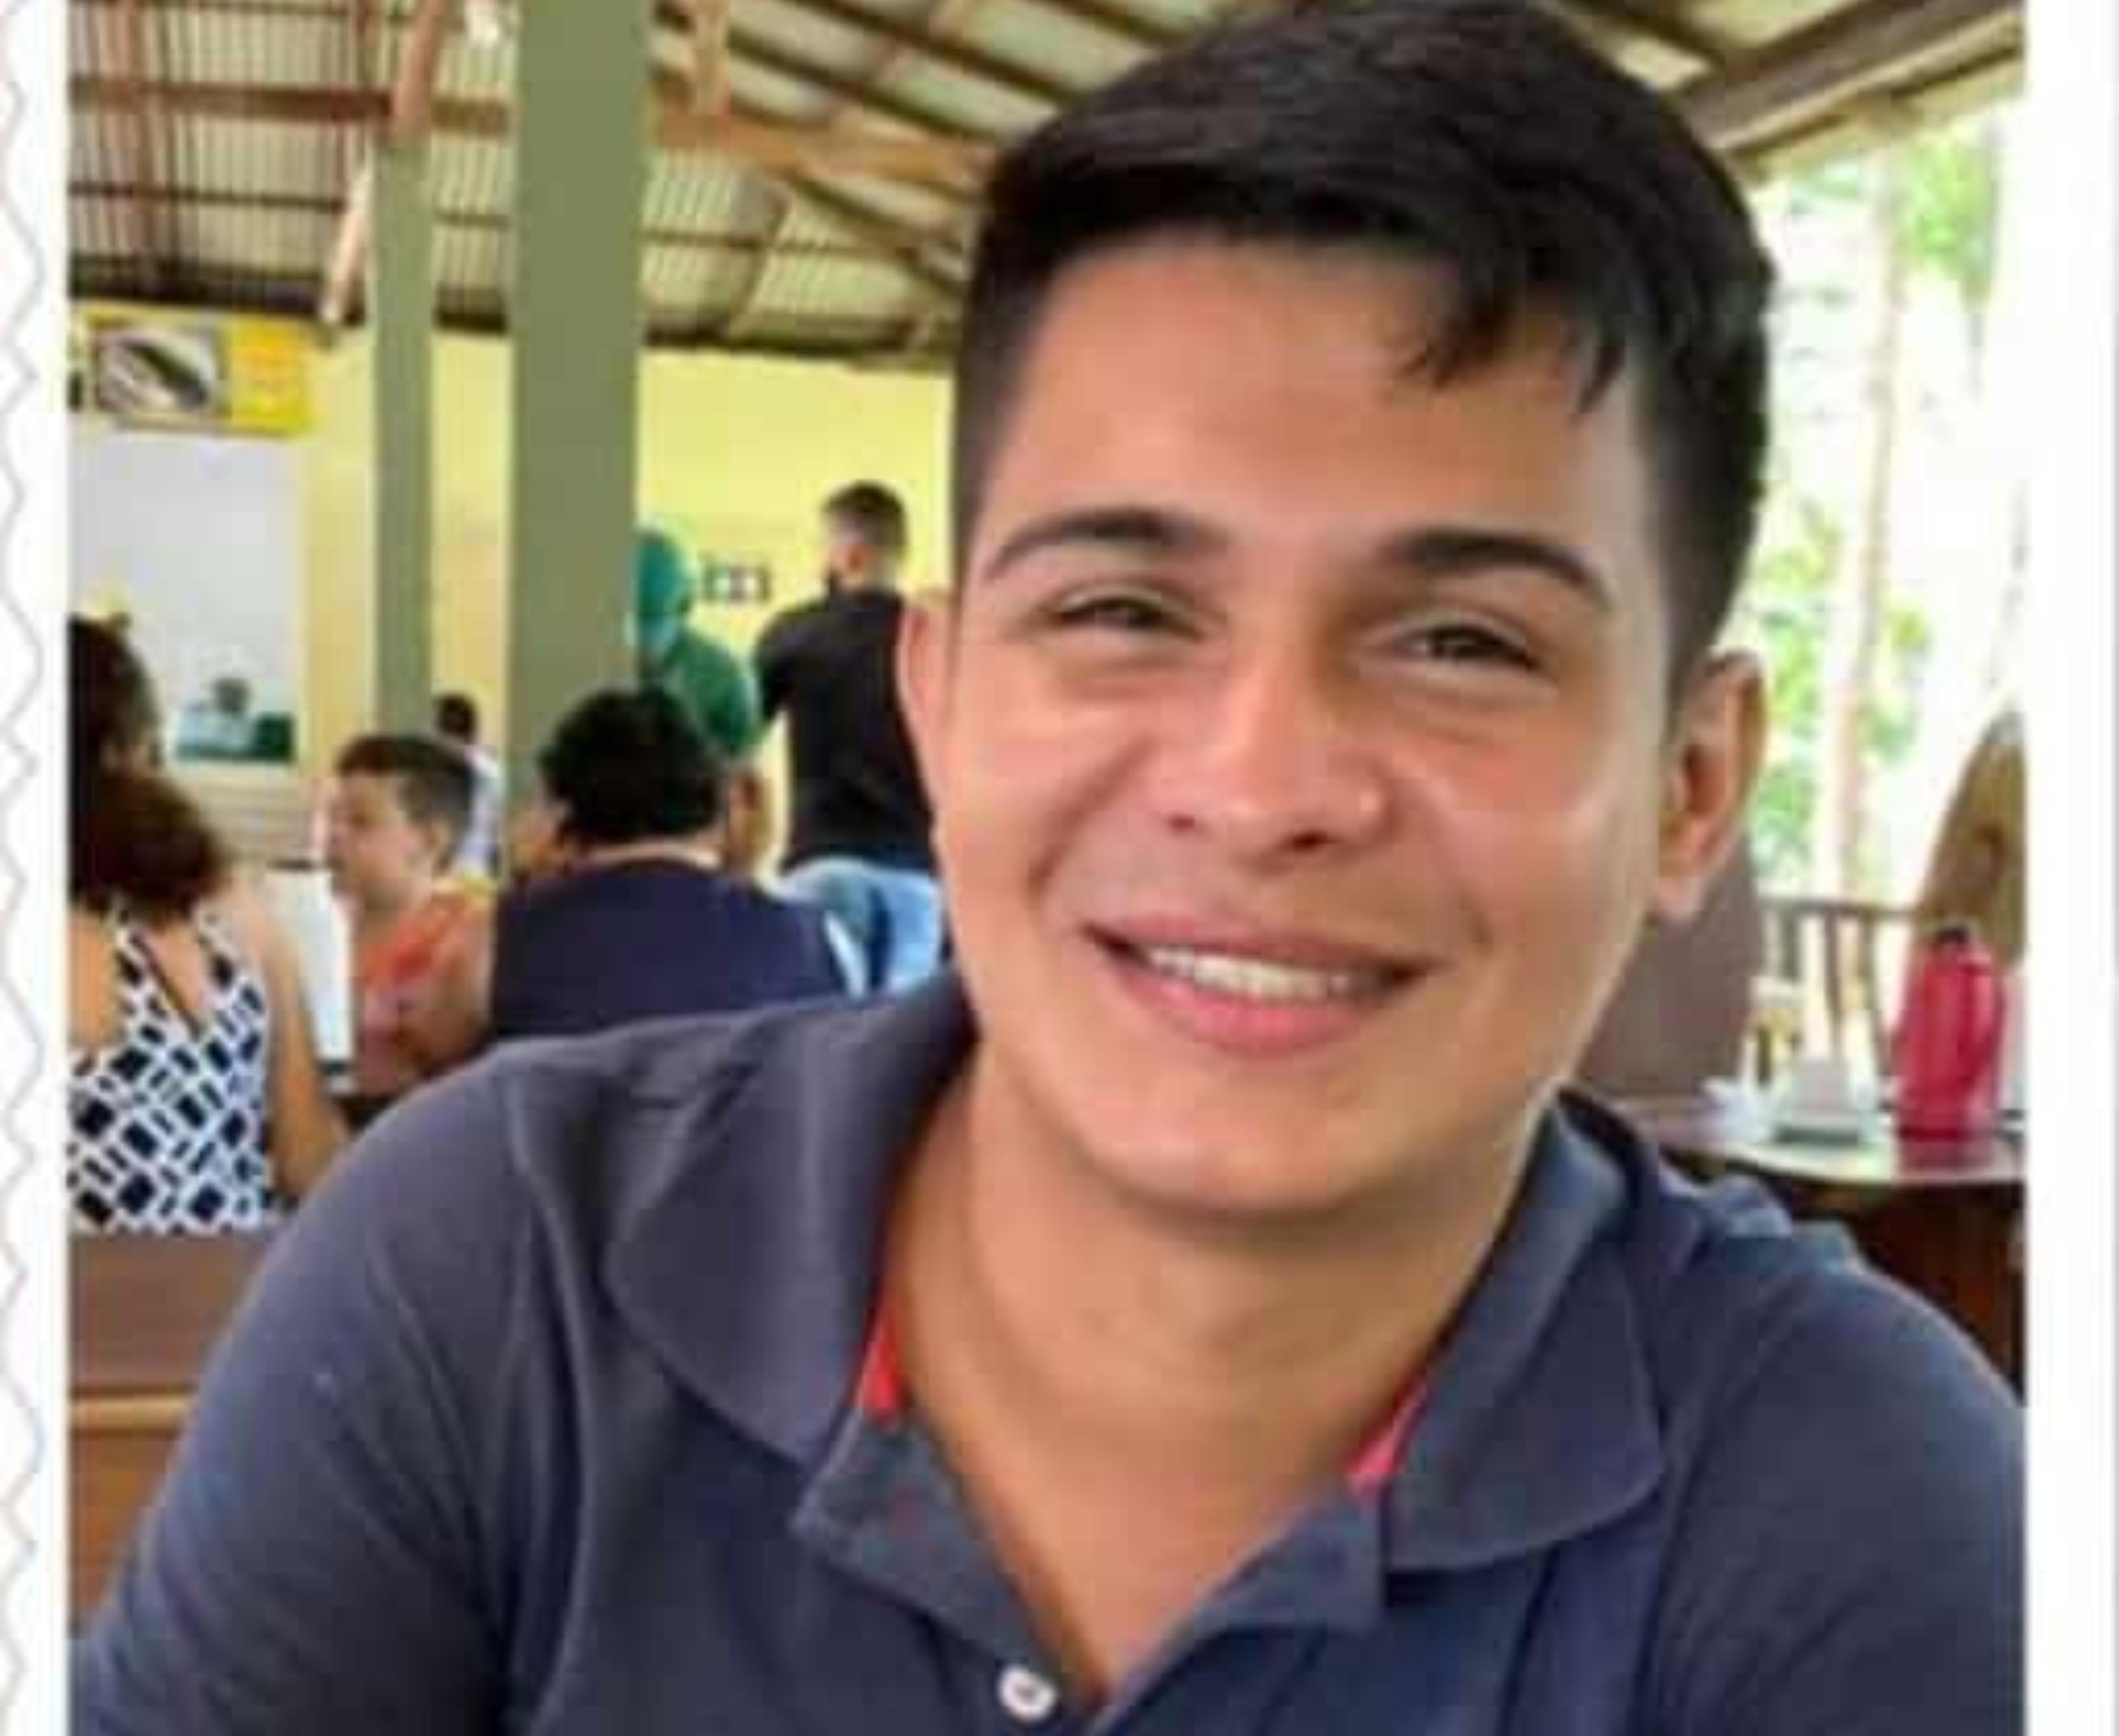 Mulher é presa suspeita de matar empresário em Manaus; casal havia terminado relação, diz polícia